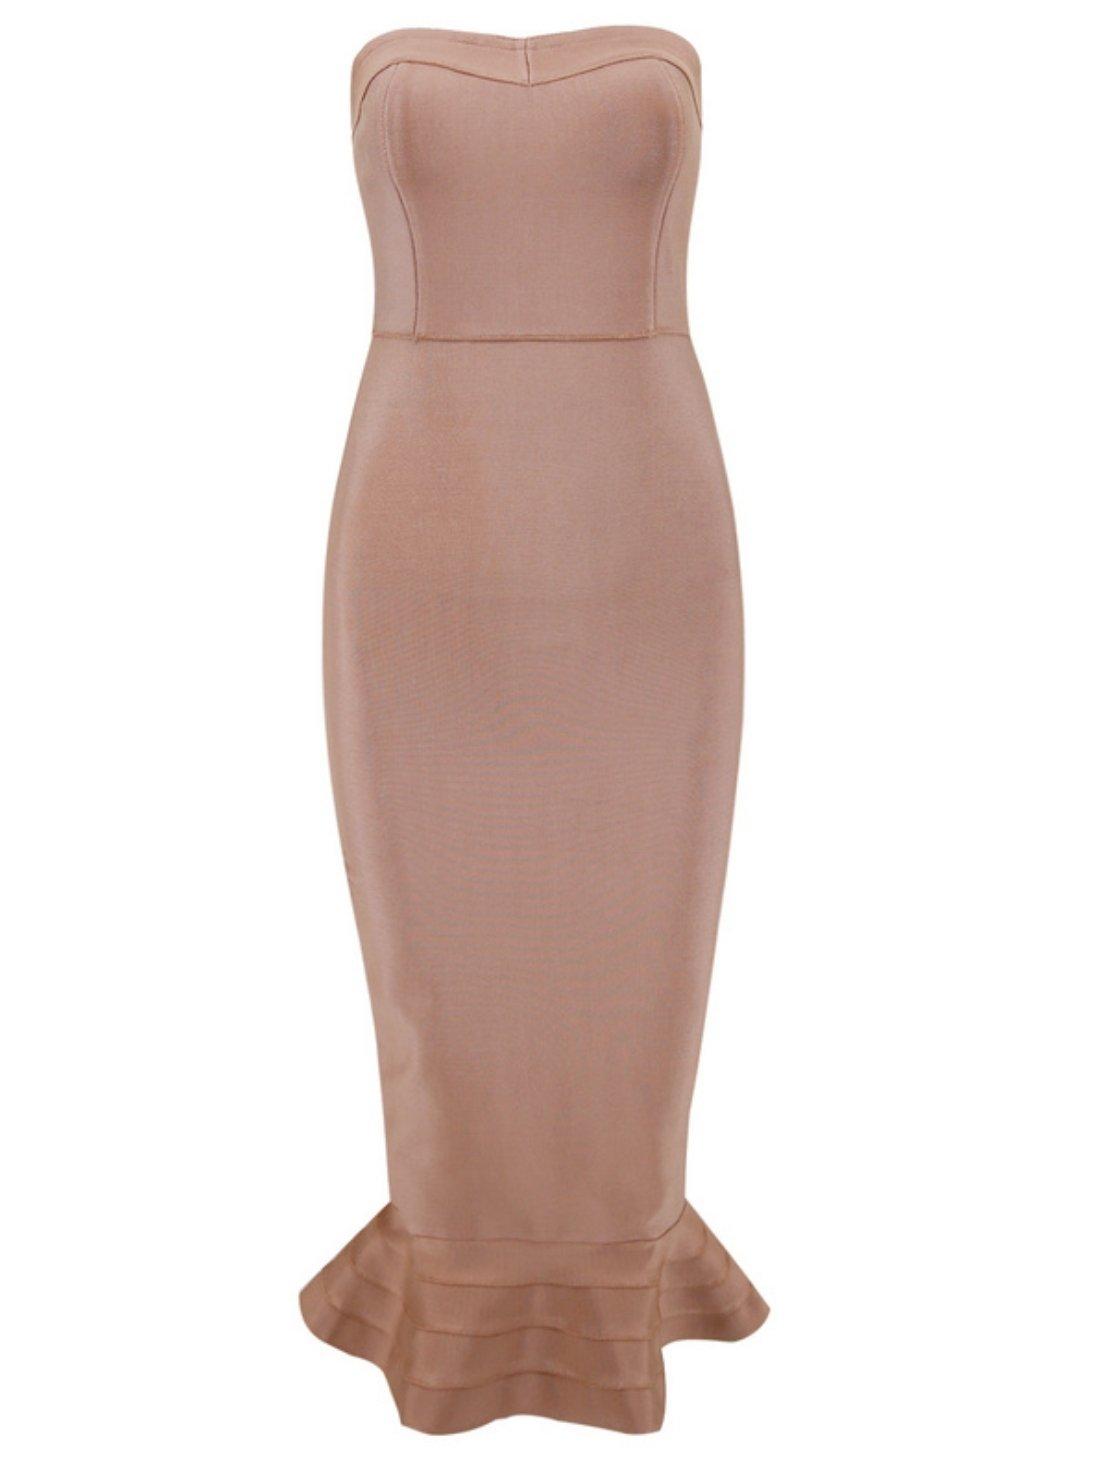 Wholesale Fishtail Bandage Dress